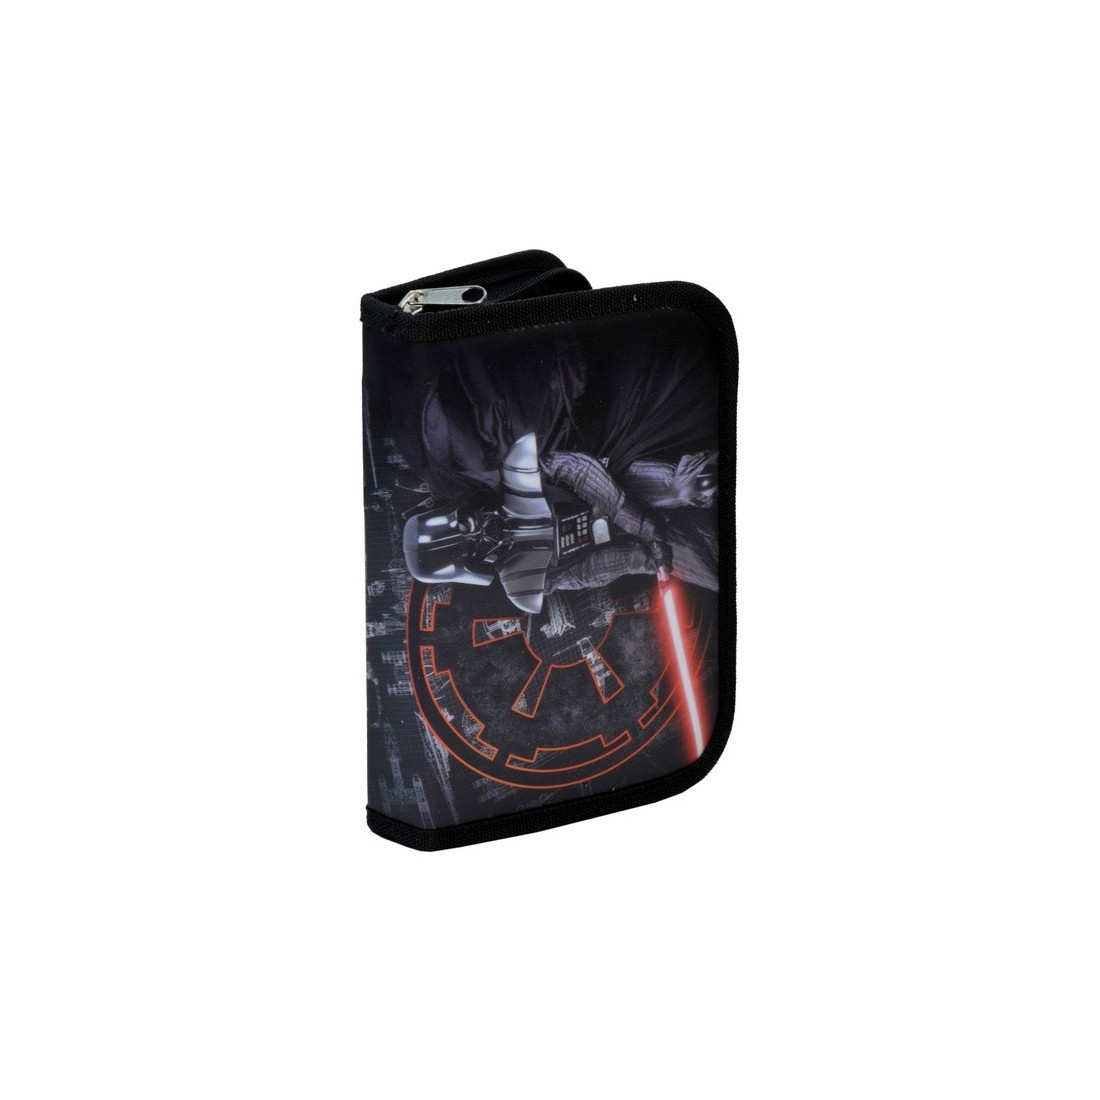 Piórnik z wyposażeniem Star Wars - plecak-tornister.pl